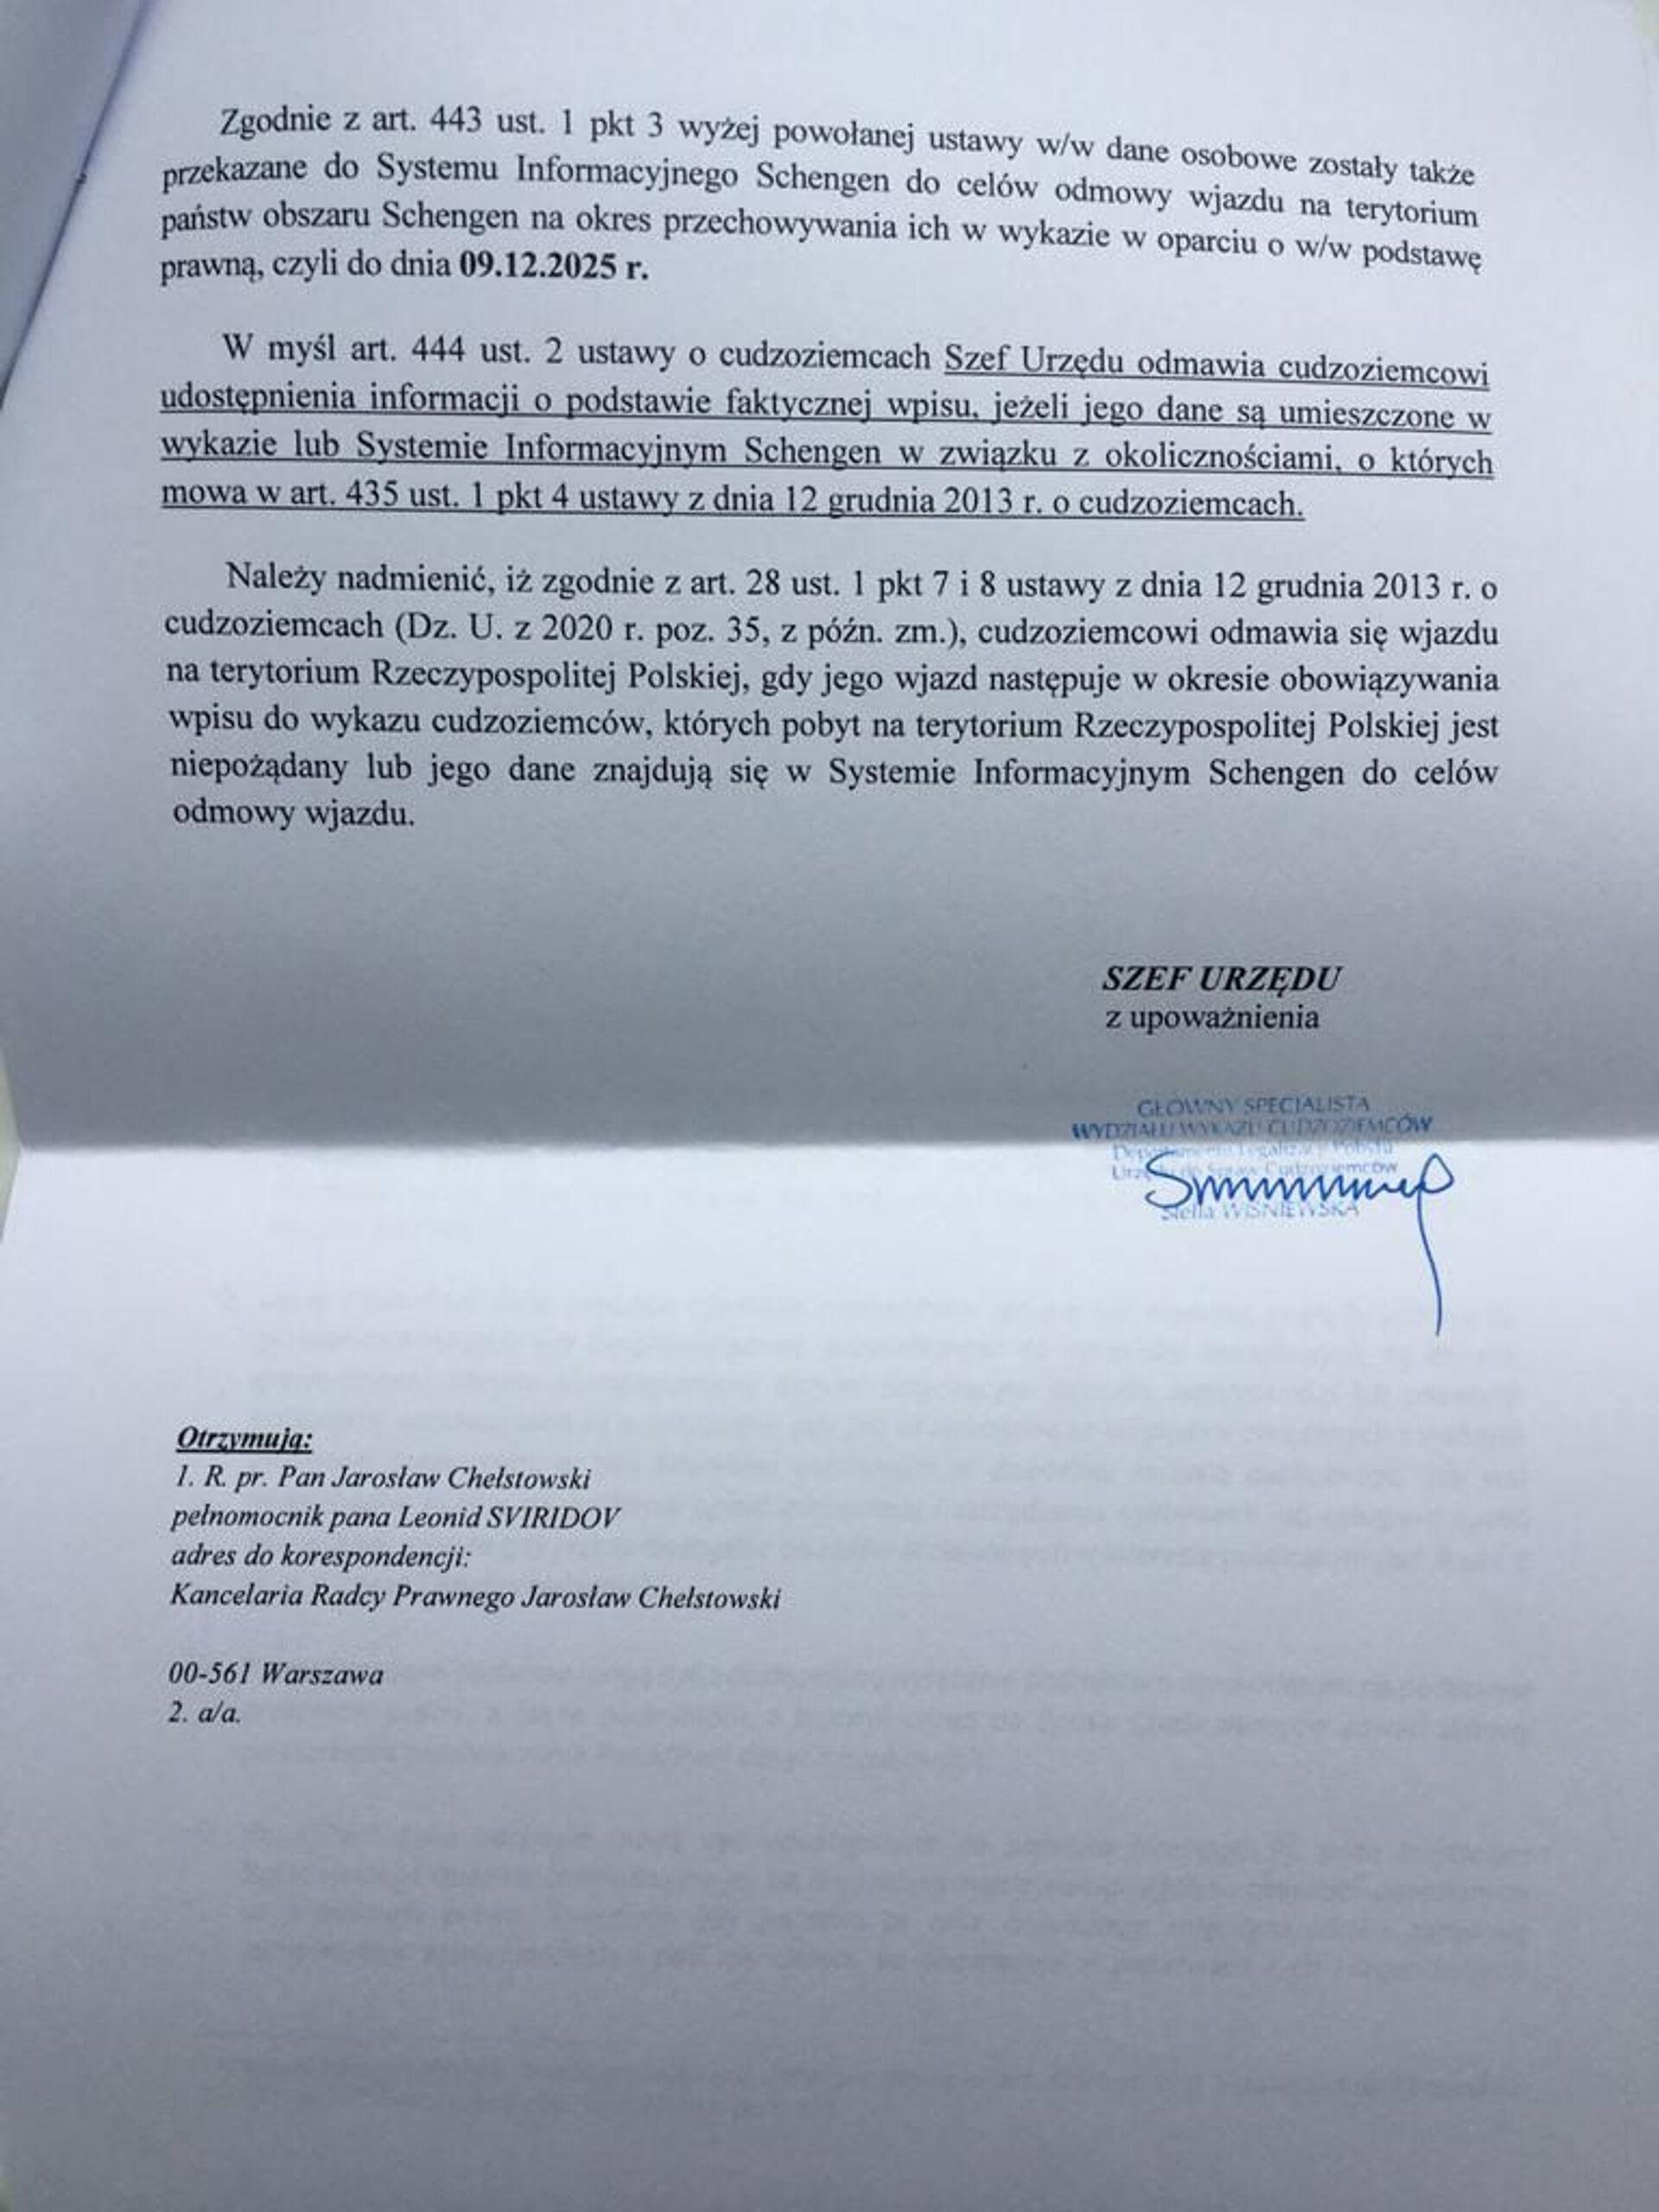 Zakaz pobytu w Polsce i na terenie UE - zgadnij za co? - Sputnik Polska, 1920, 16.03.2021